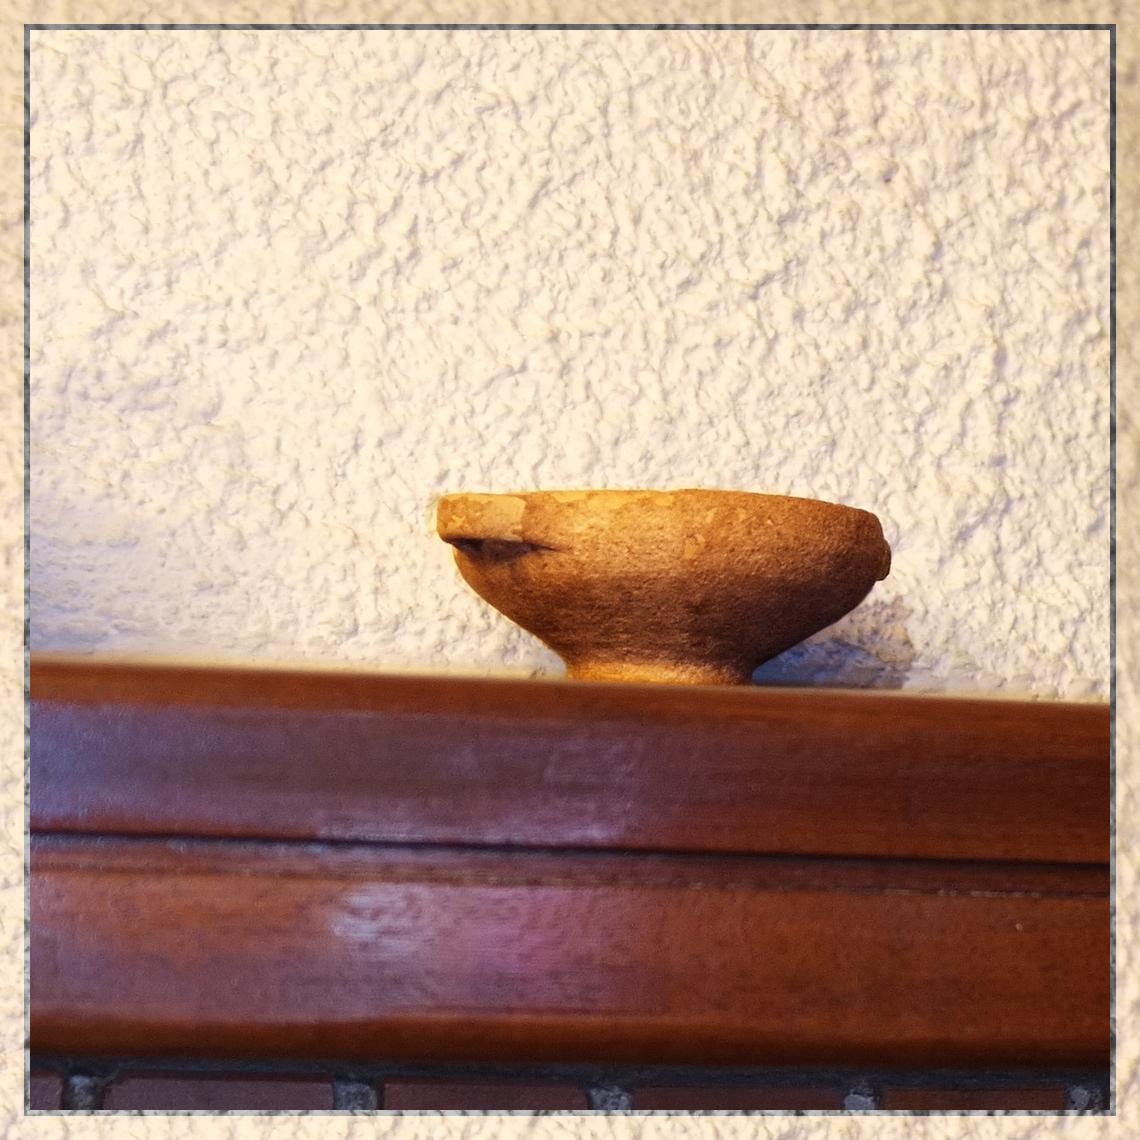 Il labbro nascosto di un vaso by dermamred